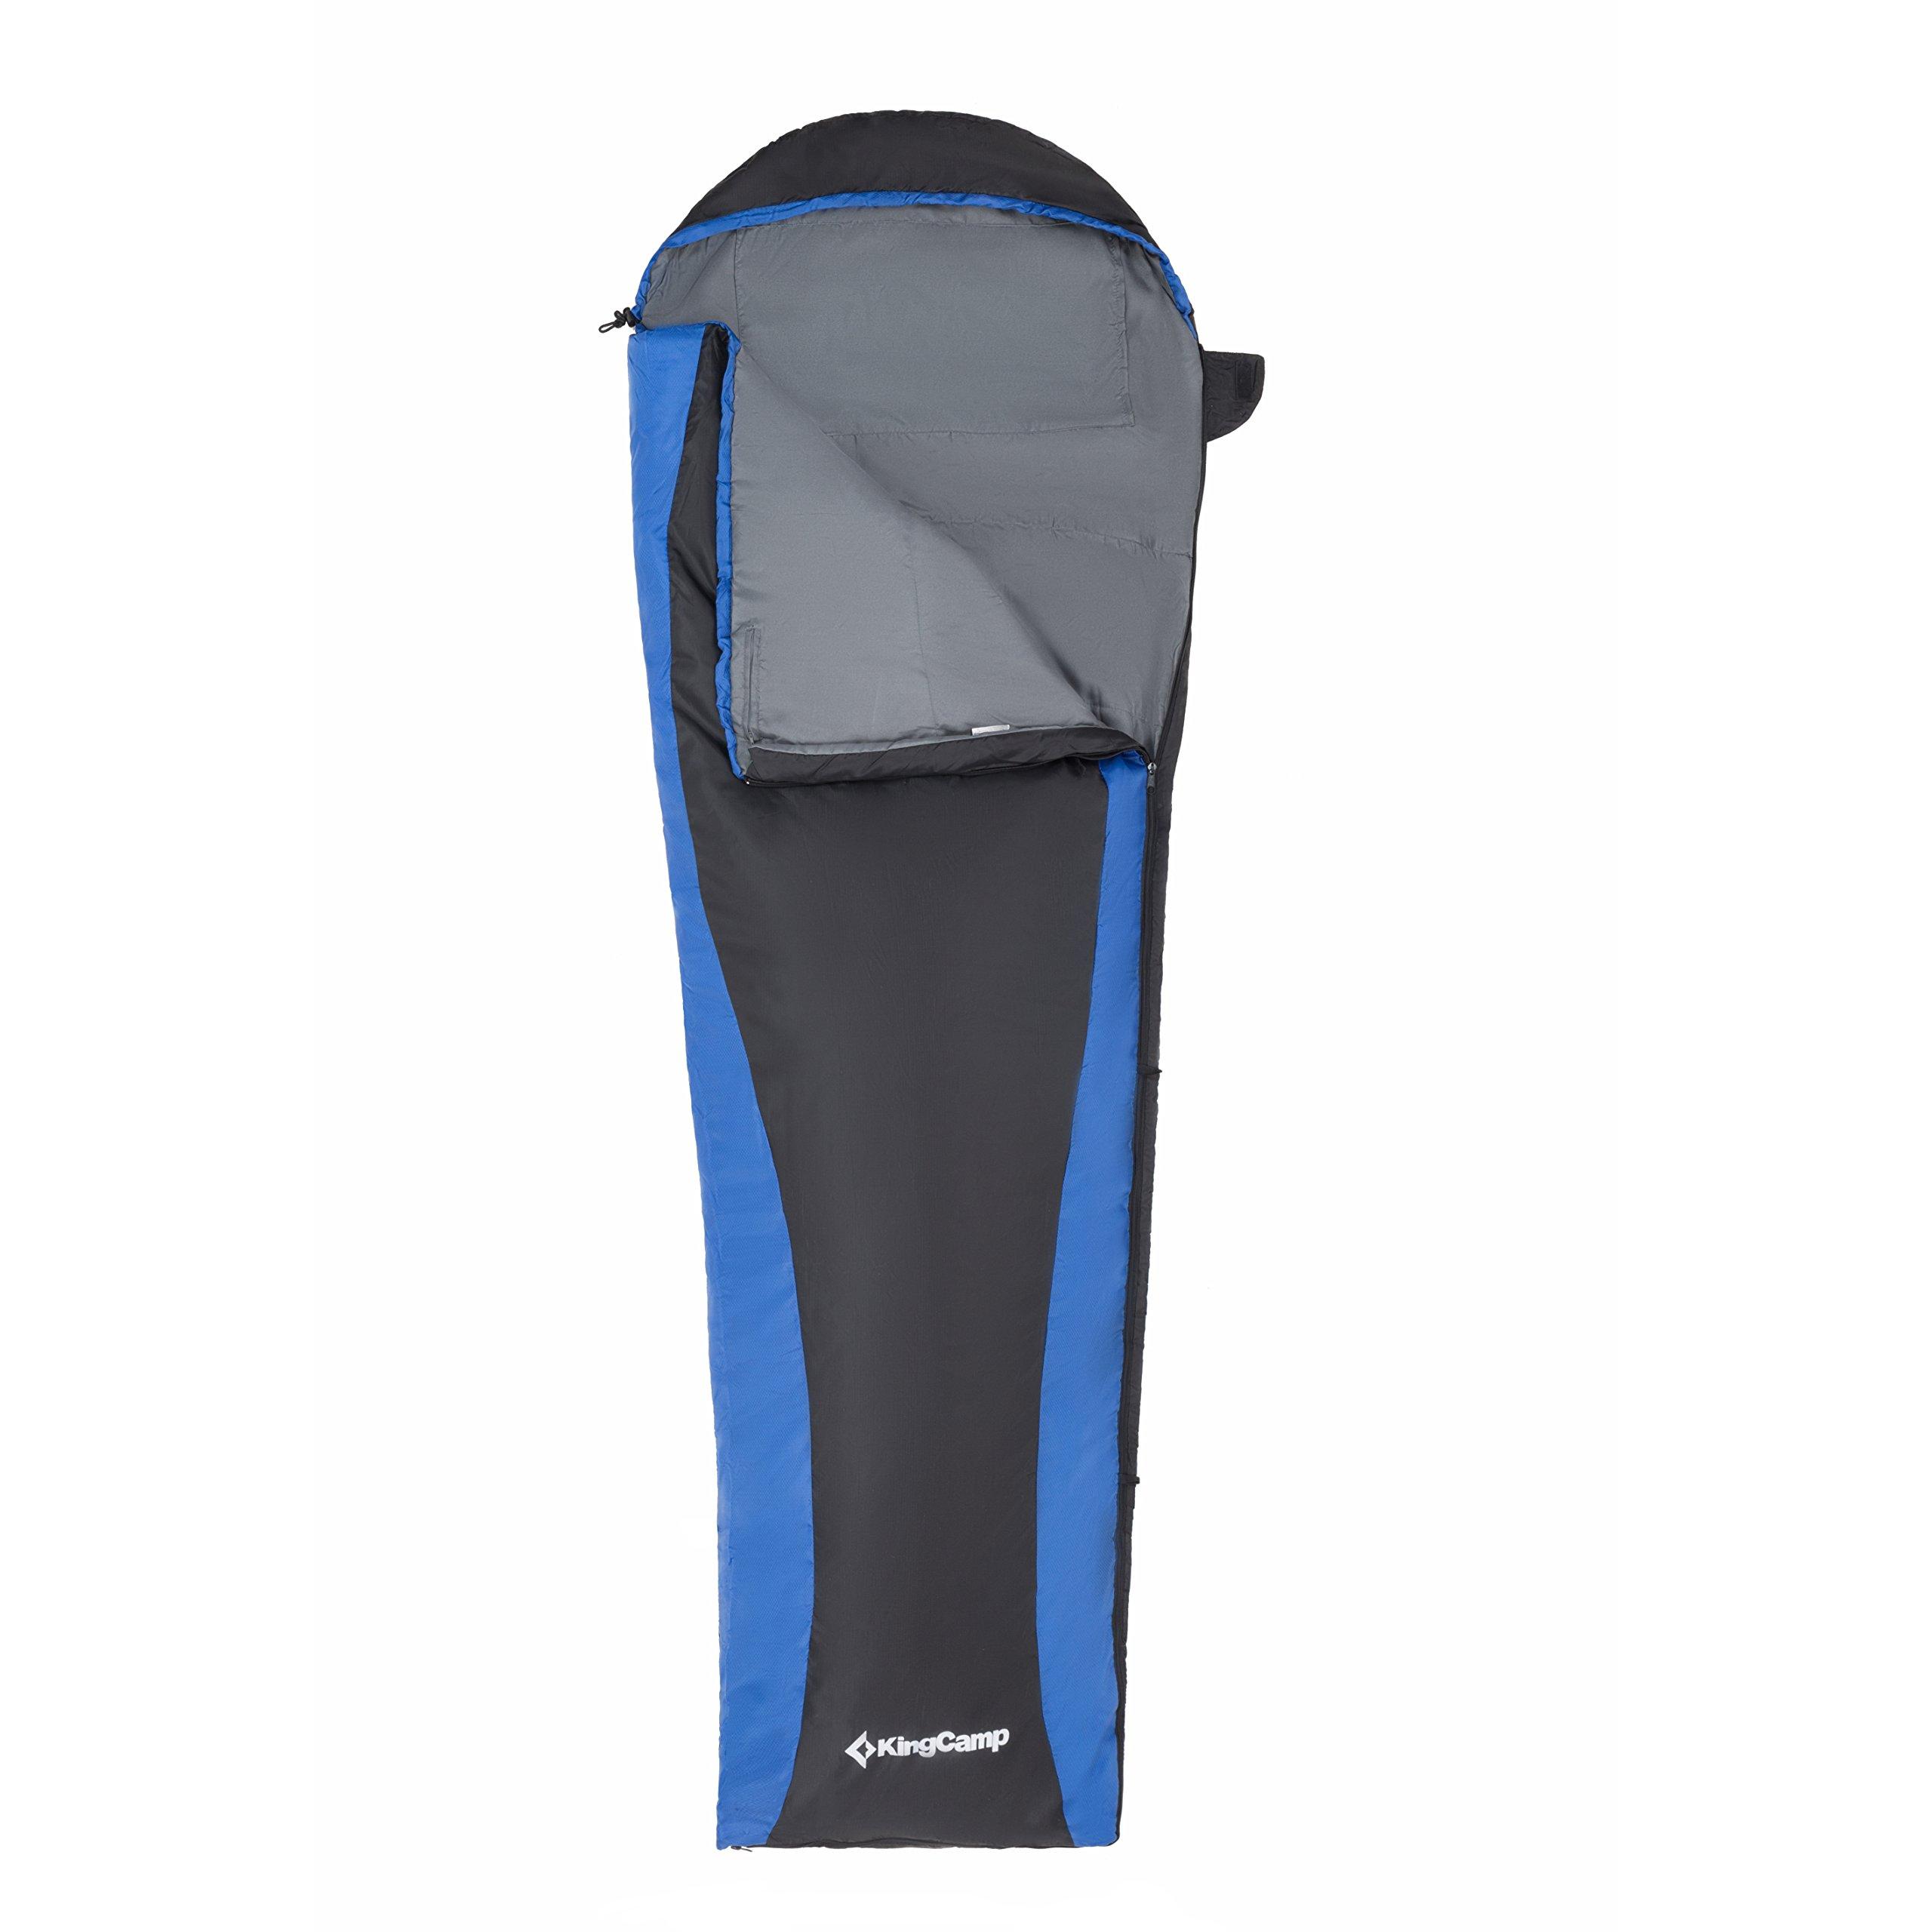 KingCamp Trail 800 Schlafsack Ultraleicht Mumienschlafsack Komfortbel Schlafsack für Camping Wandern Zuhause Rucksackreisen, 215x75x50cm, 0.8kg, Blau